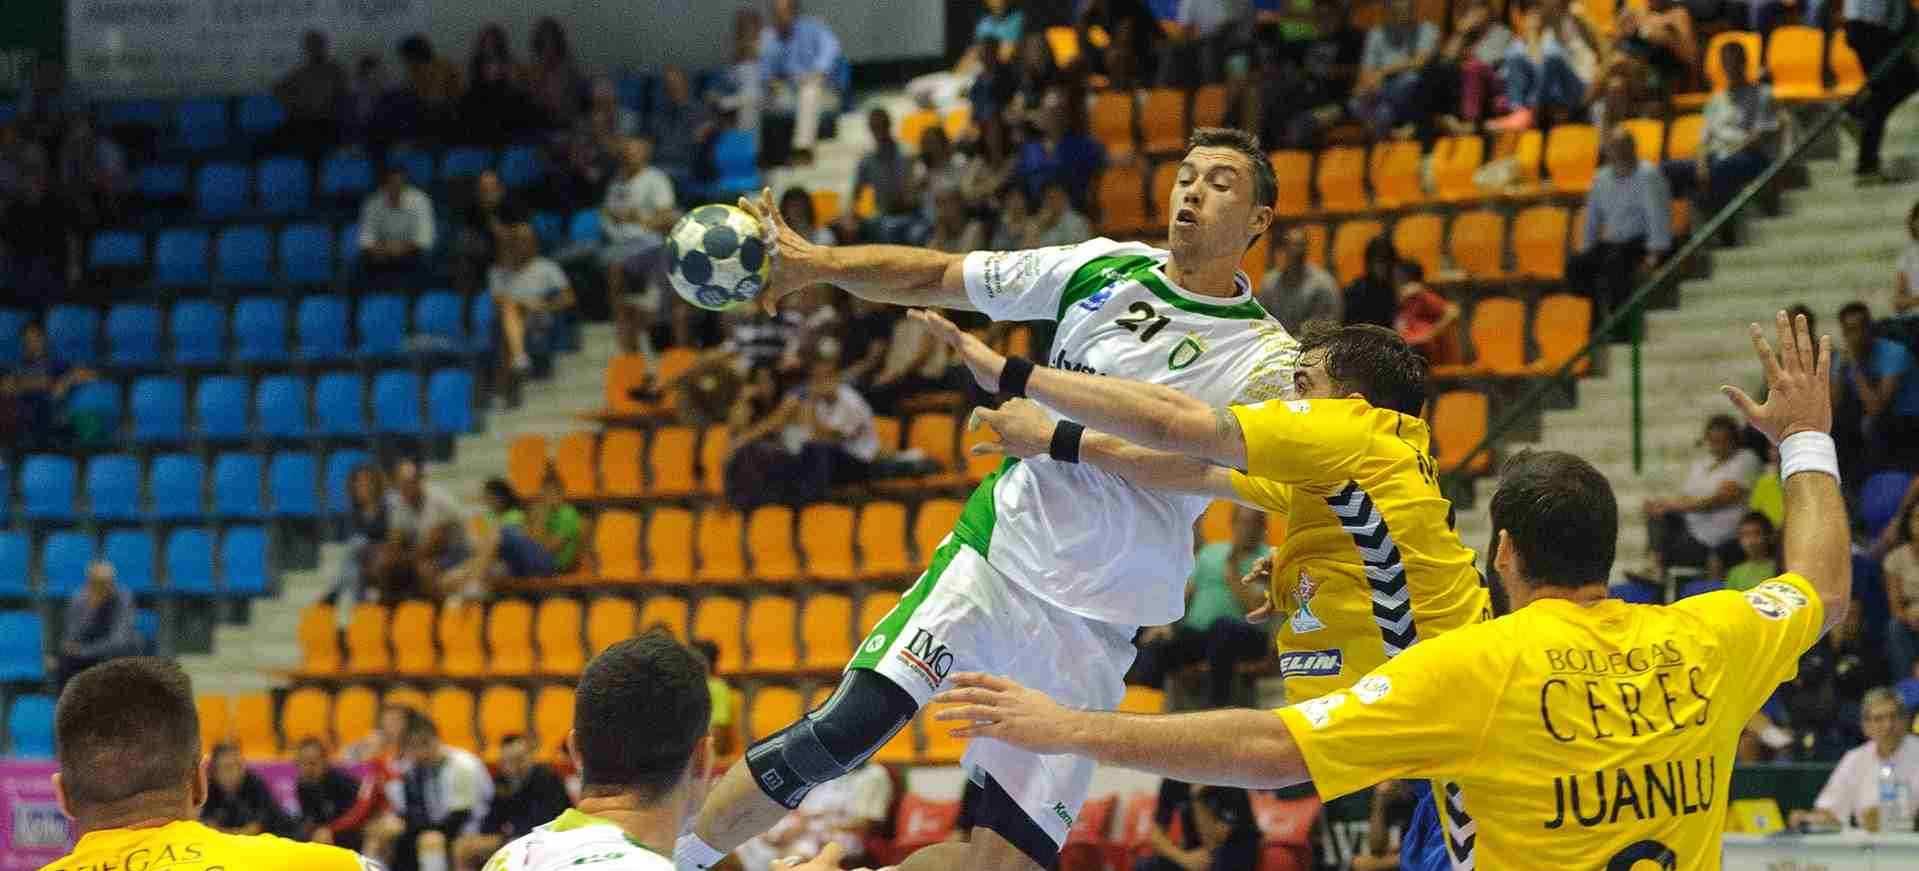 handball regelwerk